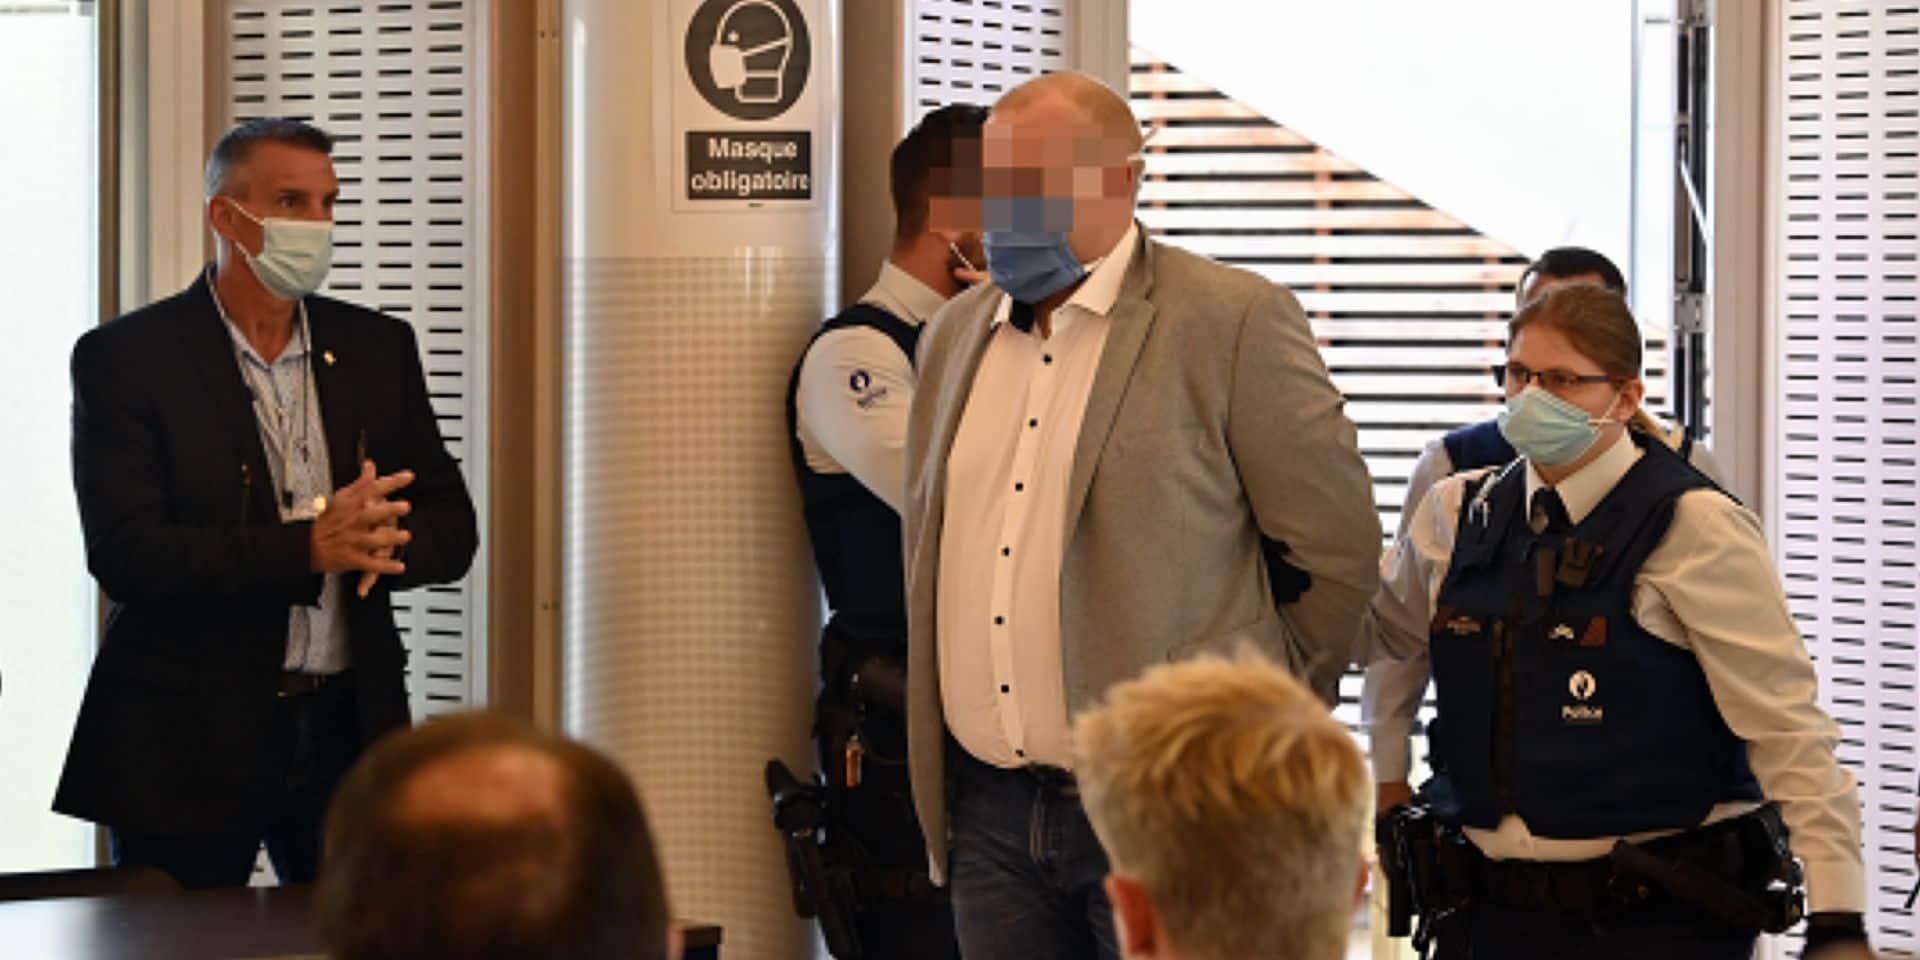 Sébastien Goemans, Fabian Dervin et Catherine Goemans déclarés coupables d'assassinat